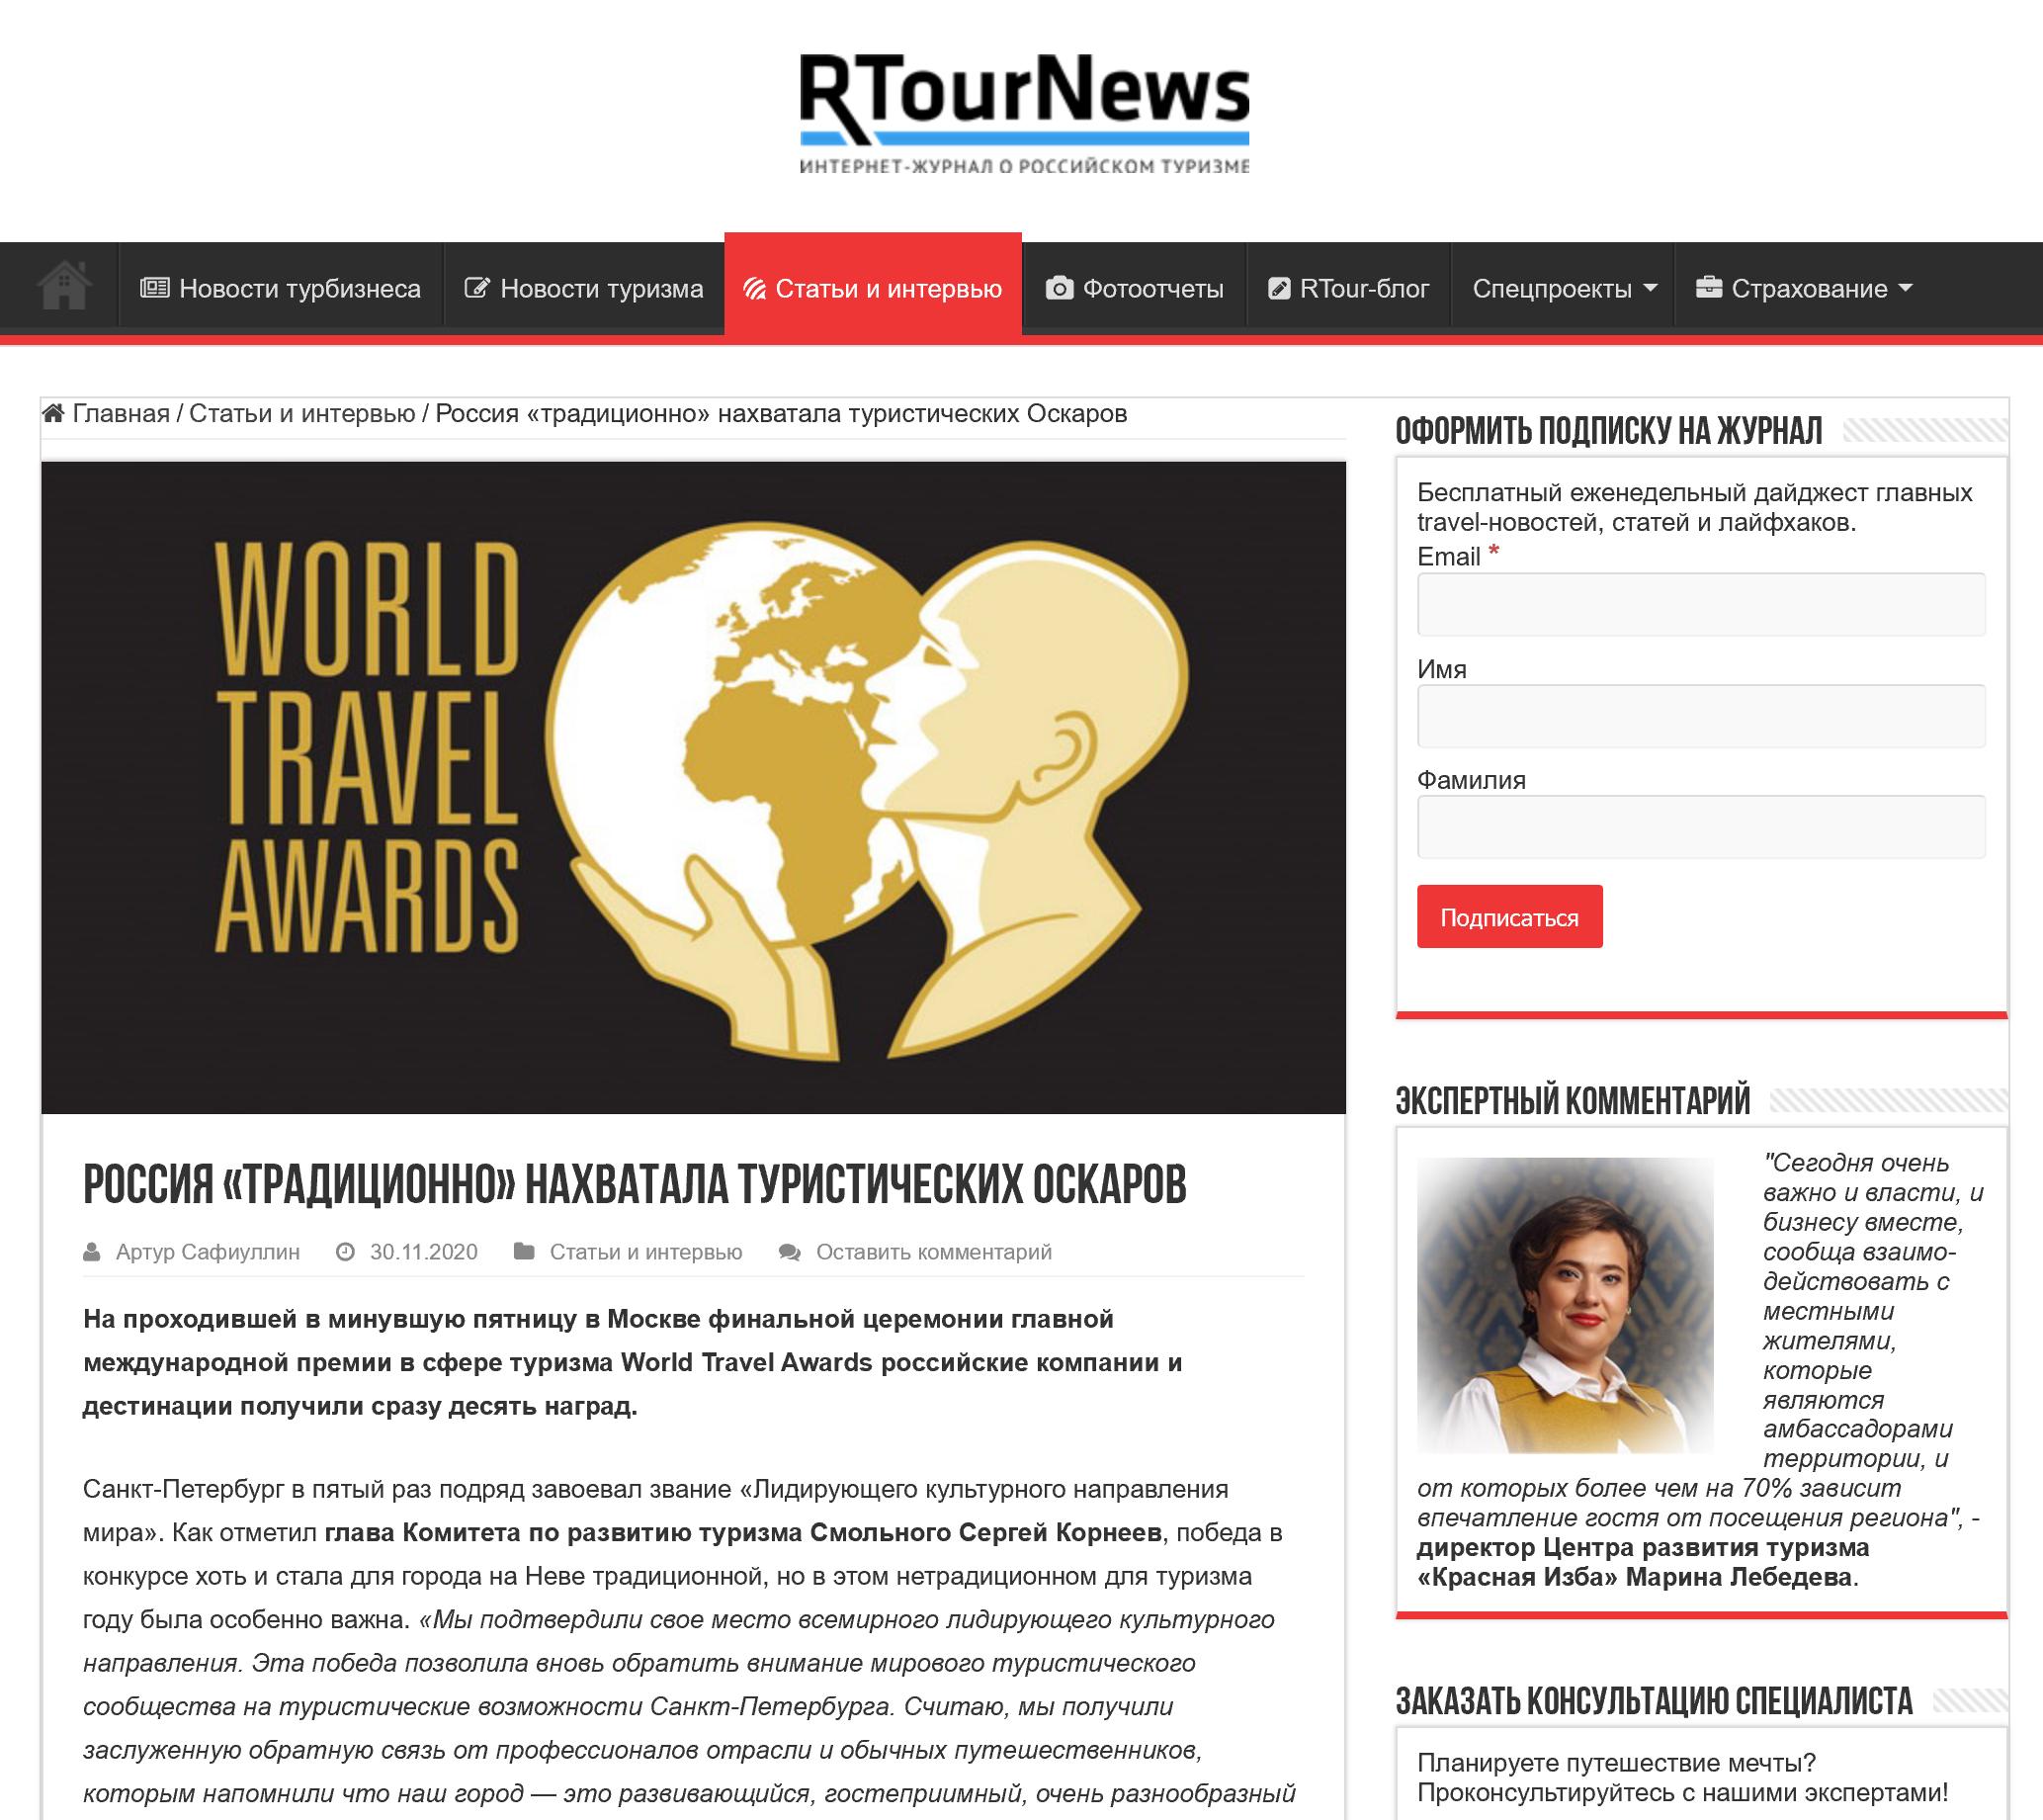 Интернет-журнал о российском туризме, RTourNews, 30.11.2020